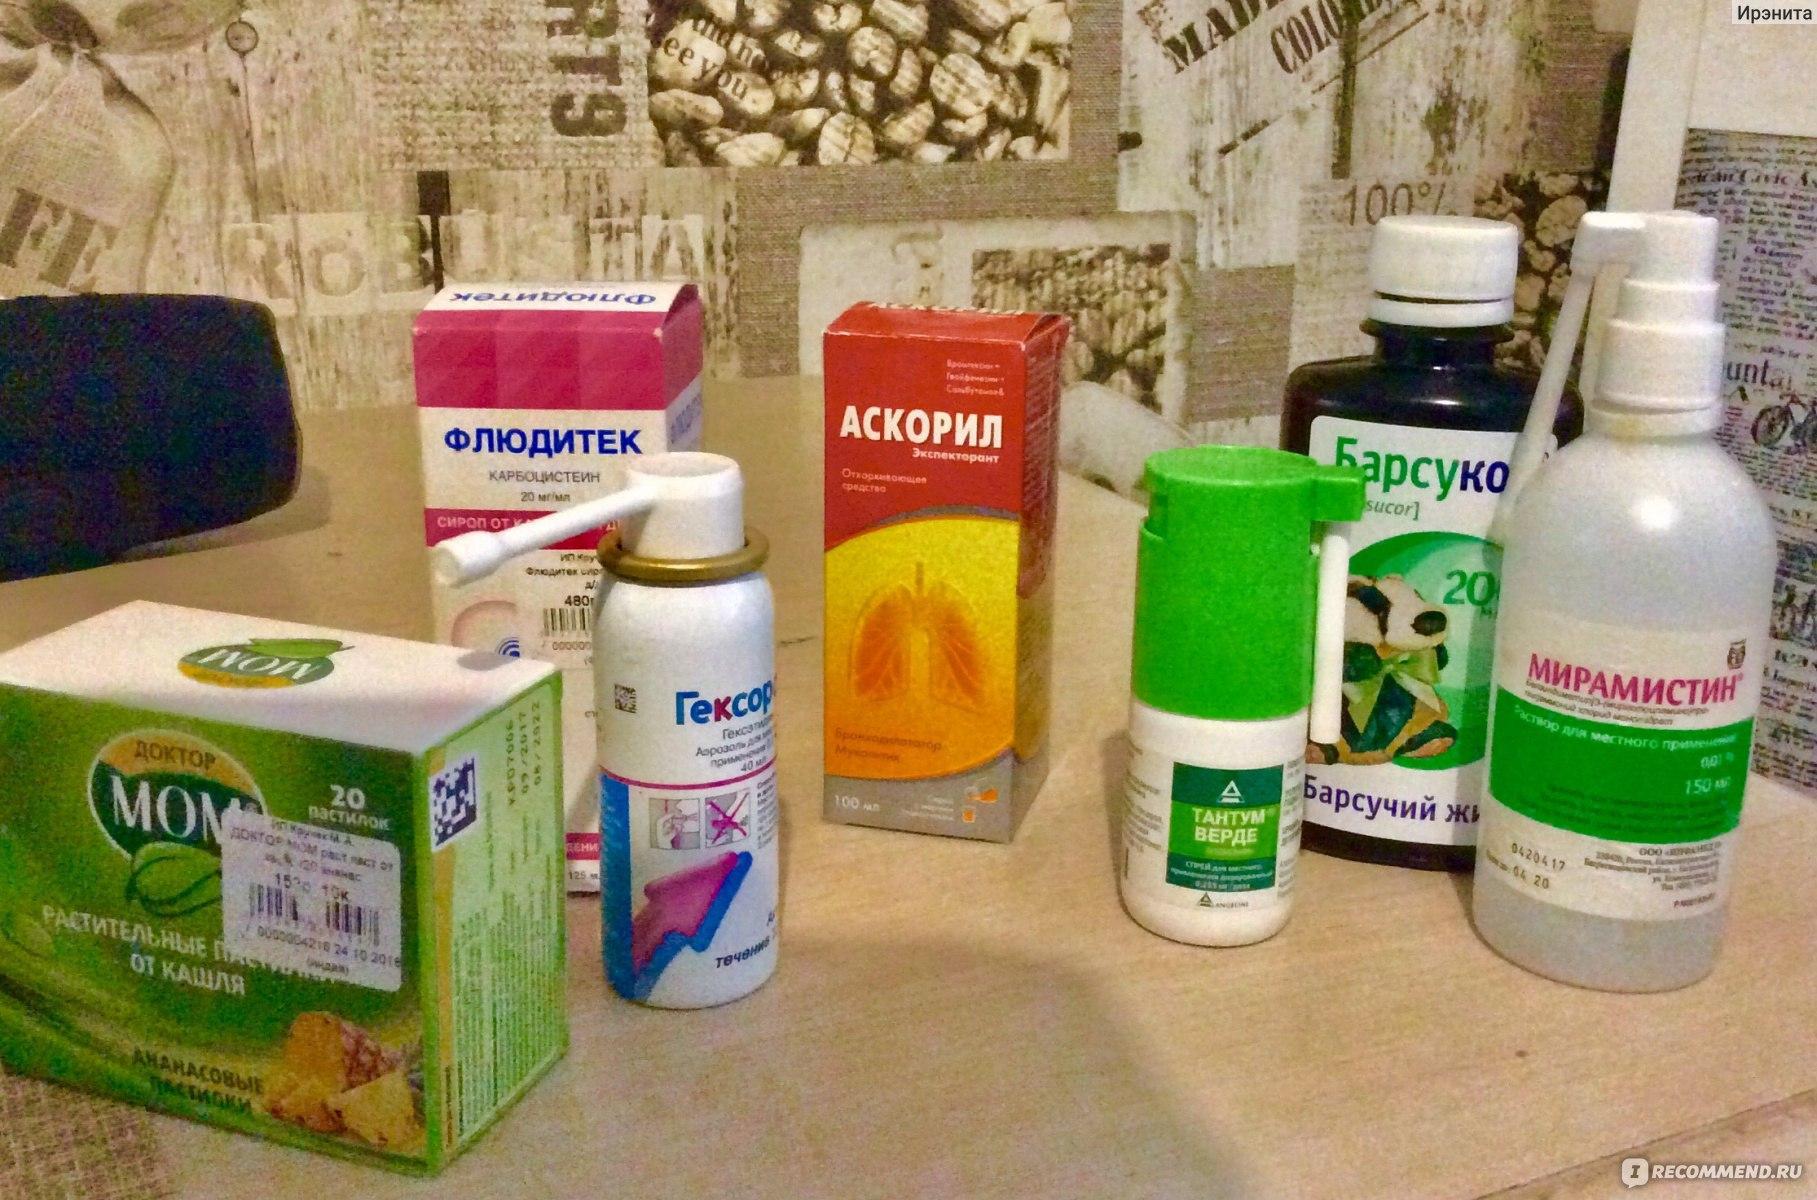 Что дать ребёнку от кашля в 1 год - эффективное лечение pulmono.ru что дать ребёнку от кашля в 1 год - эффективное лечение